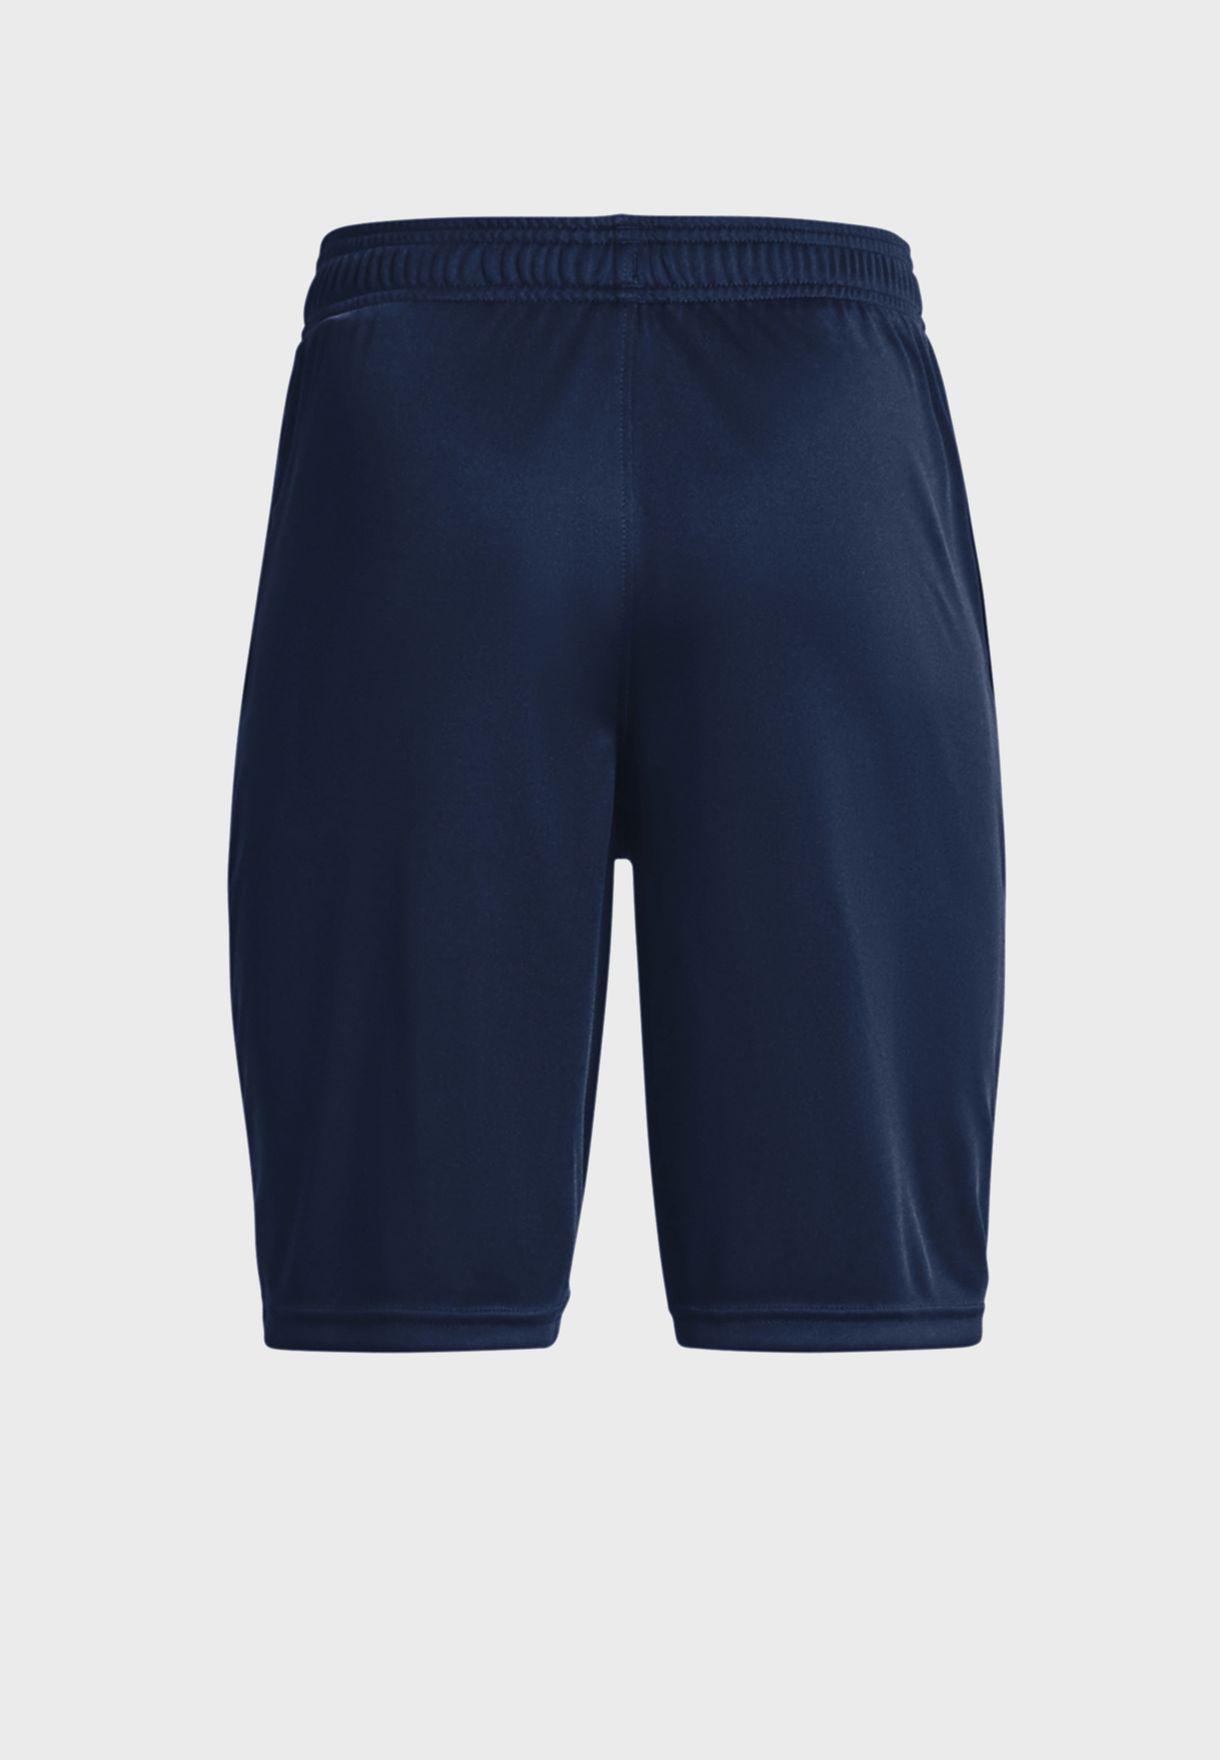 Youth Prototype 2.0 Shorts